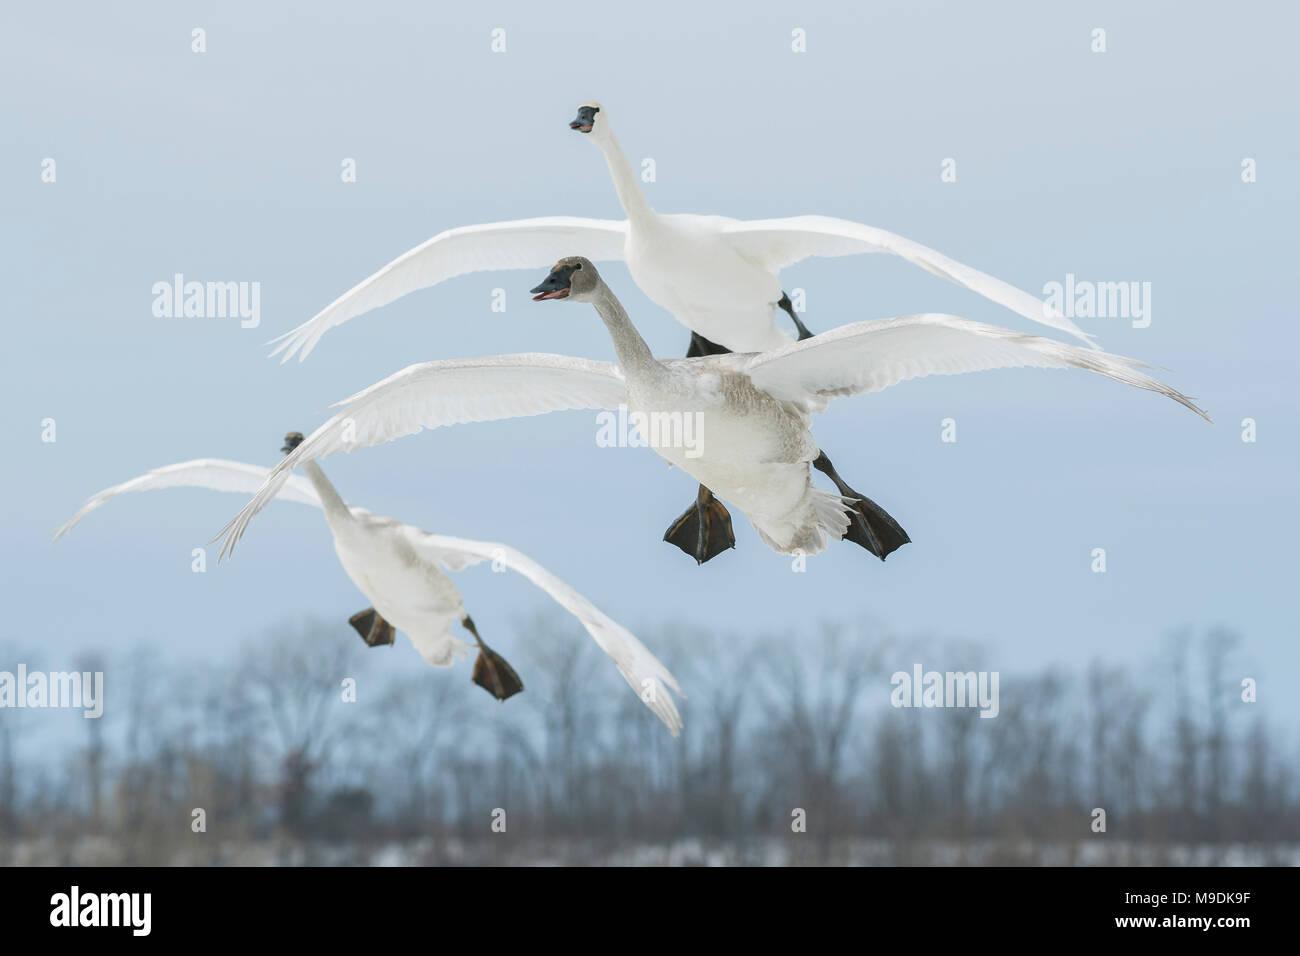 I cigni trombetta (Cygnus buccinatore) in atterraggio a St. Croix River, WI, Stati Uniti d'America, alla fine di gennaio, da Dominique Braud/Dembinsky Foto Assoc Immagini Stock